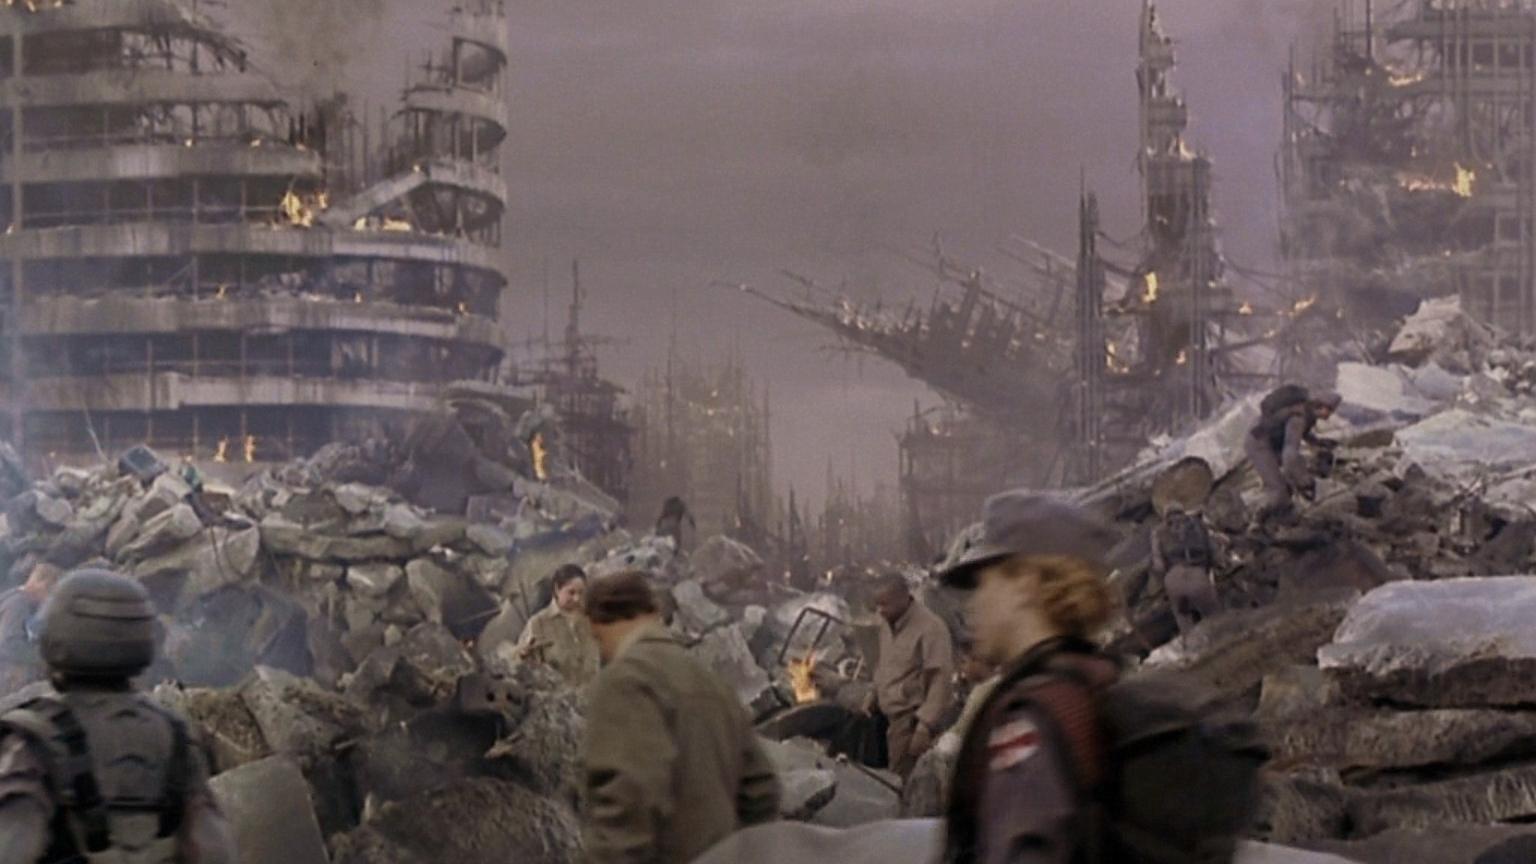 人马星人降临地球,人类建起了保护罩,但它们还是找到进攻方法!